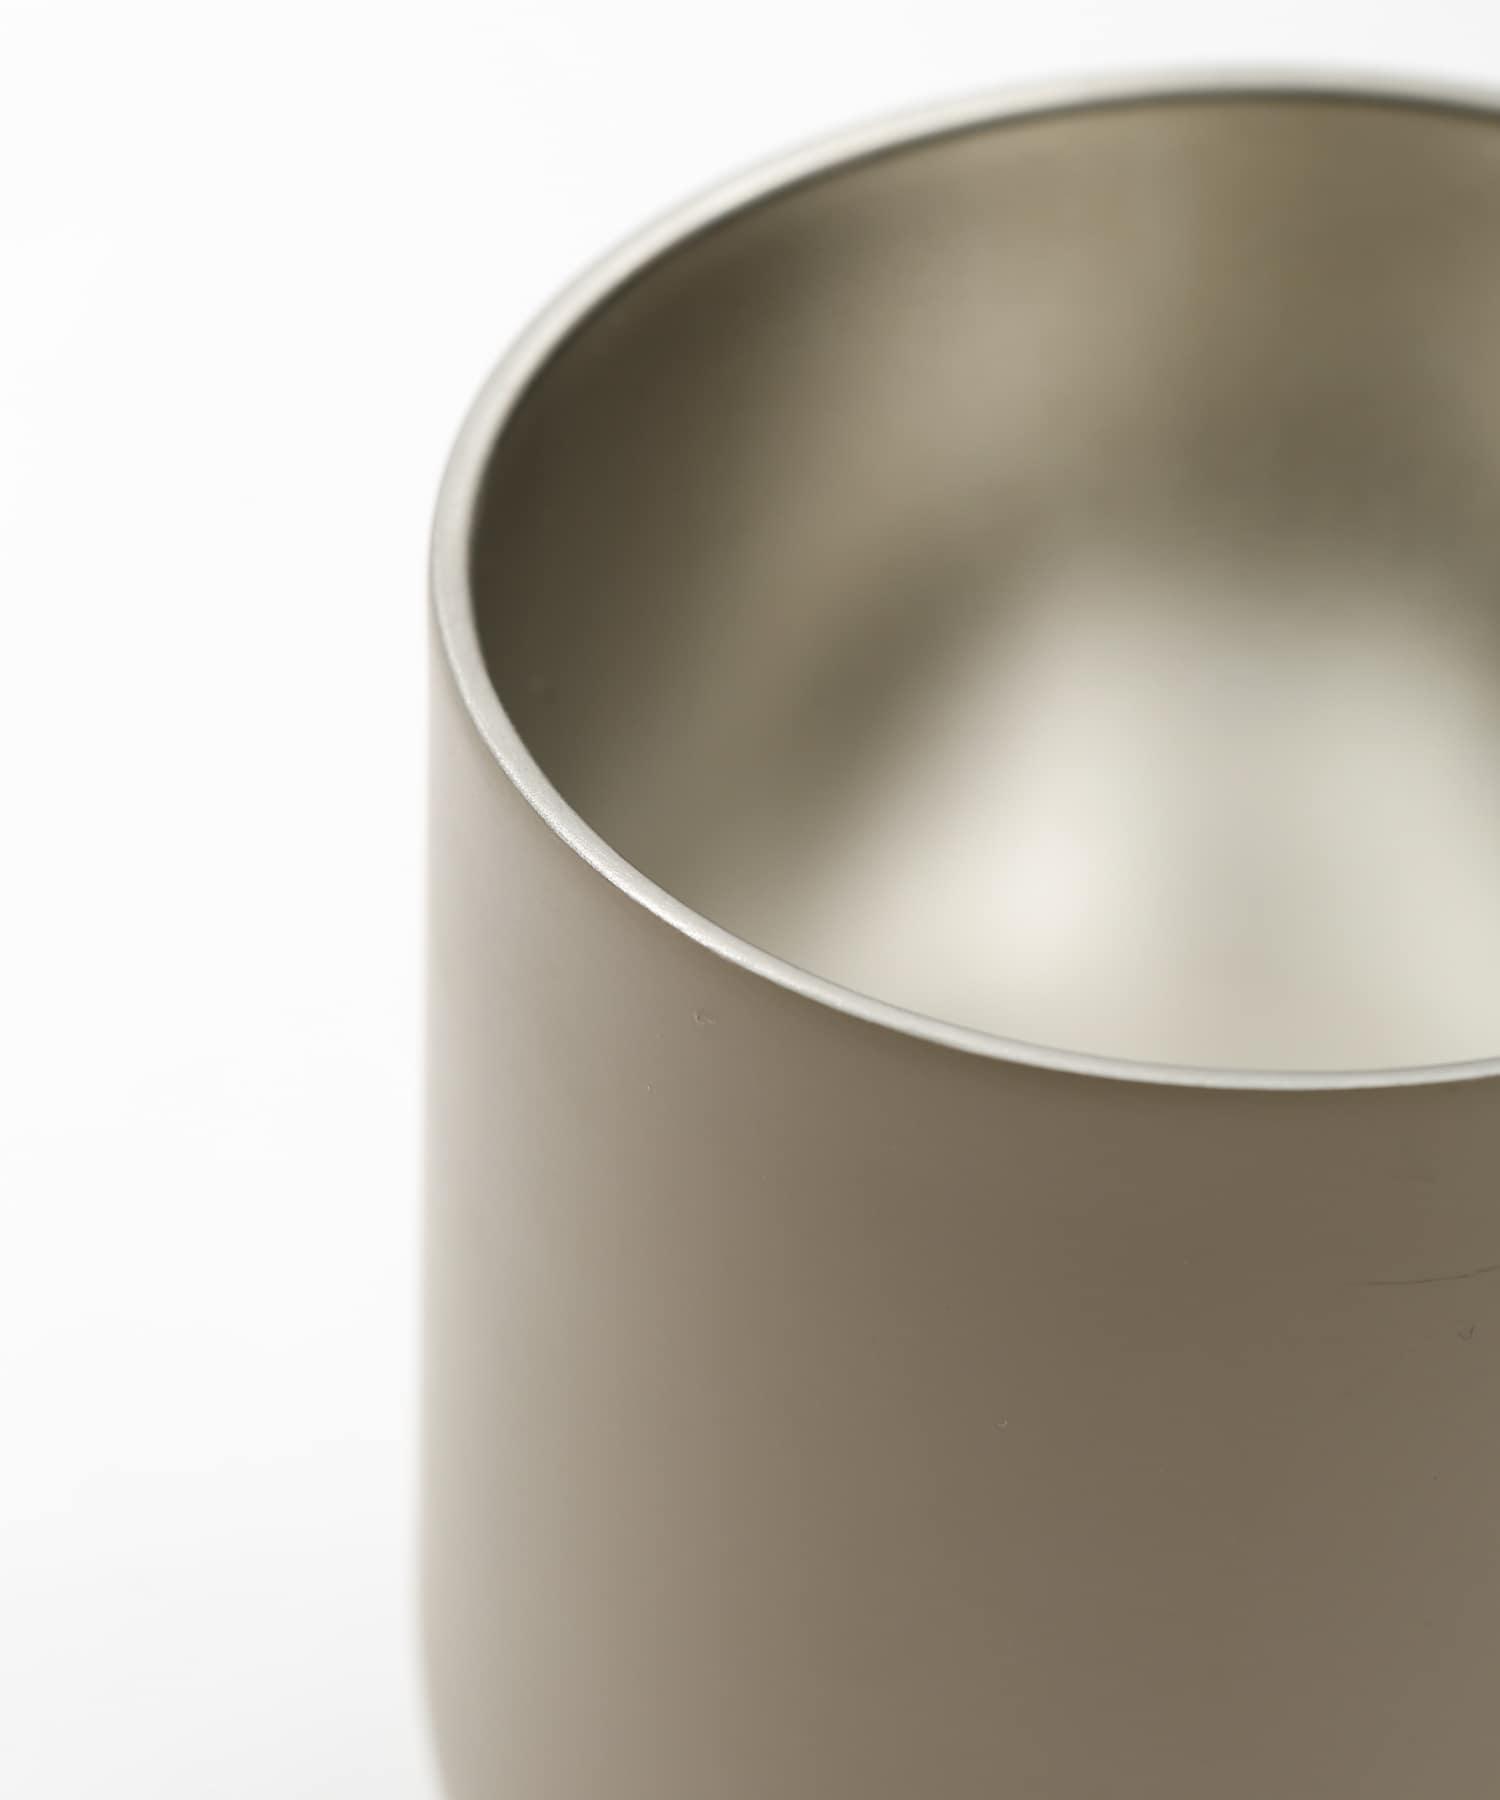 3COINS(スリーコインズ) 真空断熱ステンレスタンブラー350ml